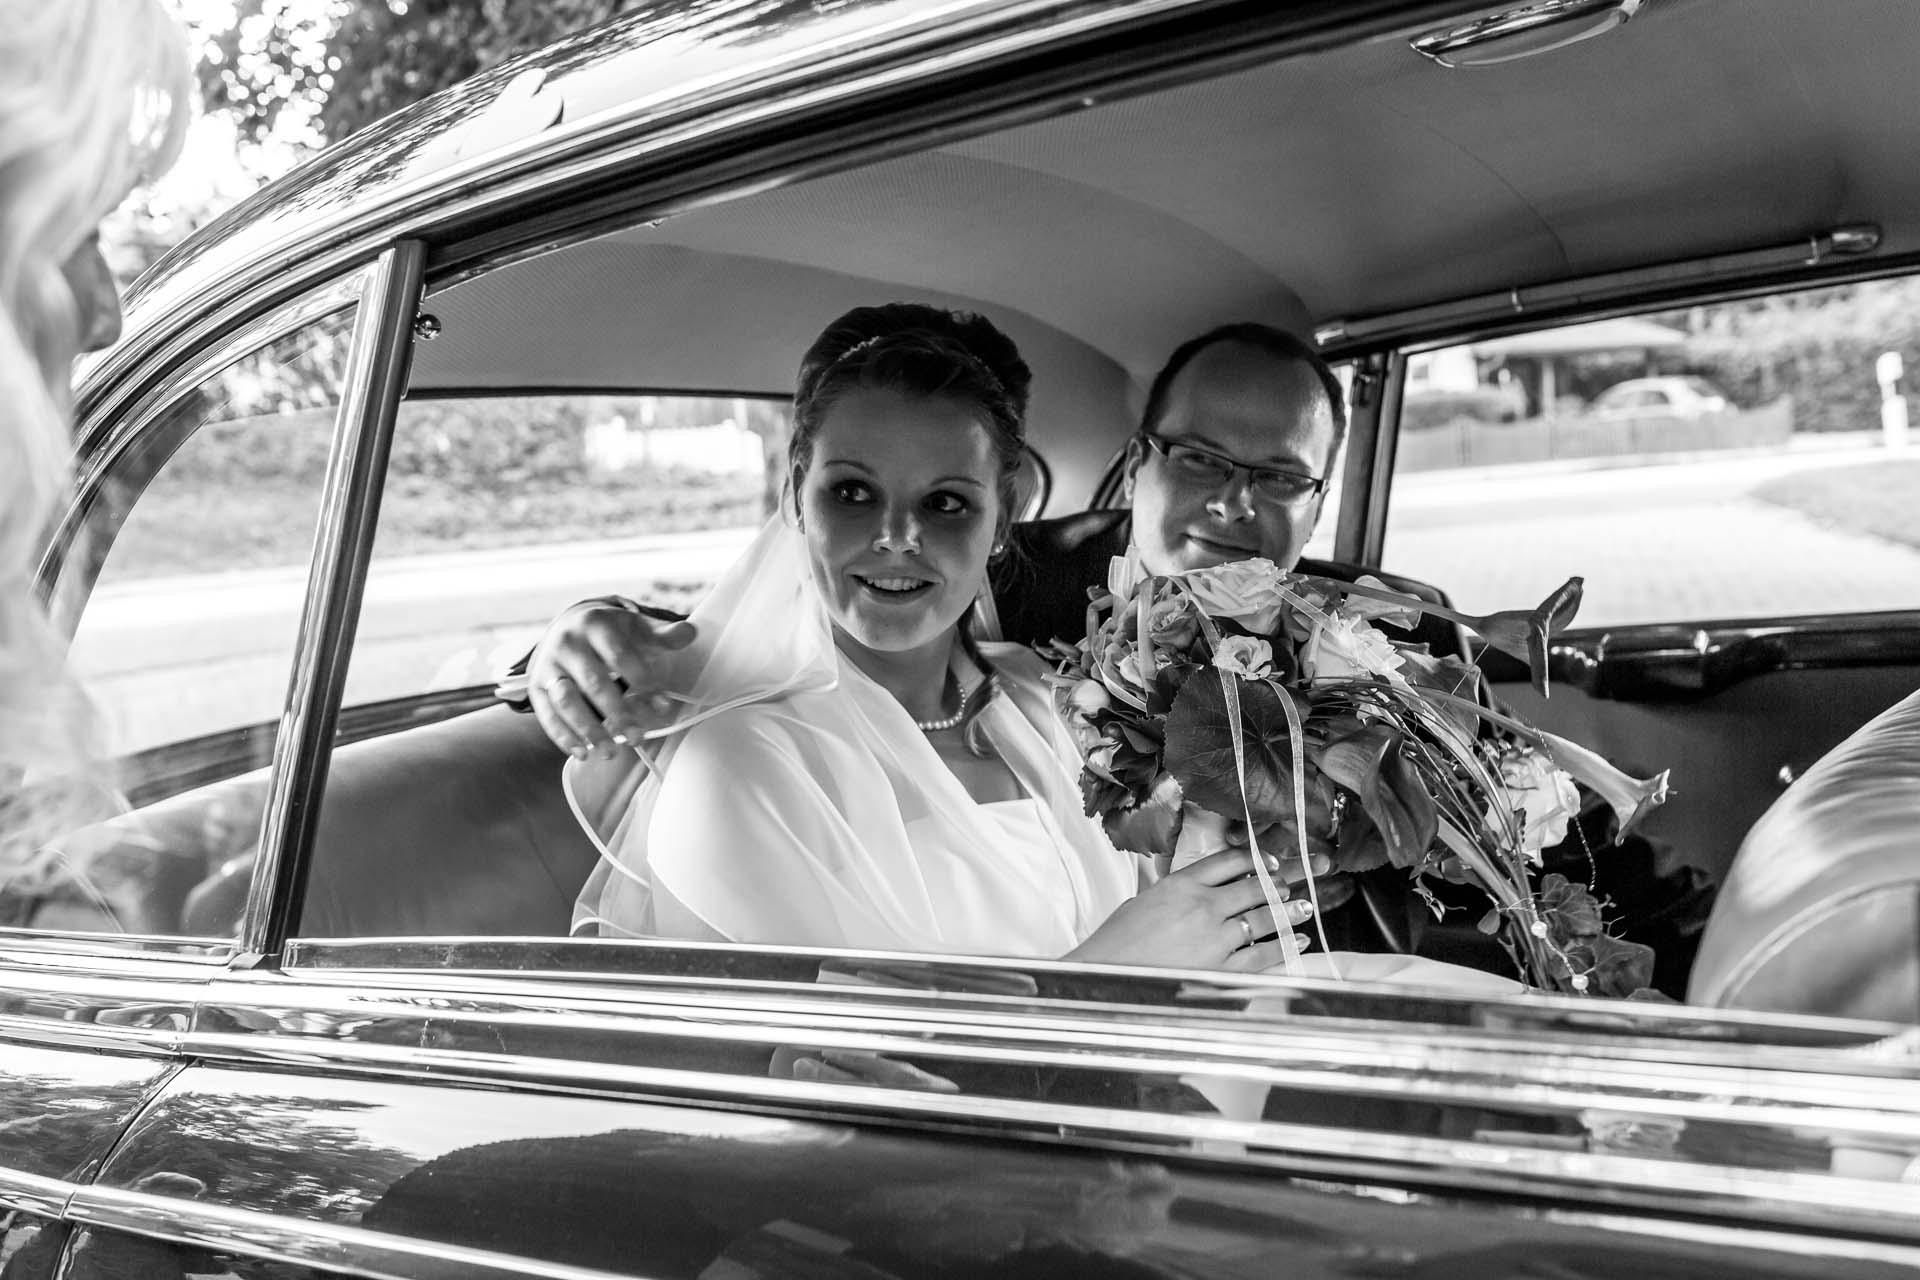 Hochzeit von Kerstin und Sebastian in der Kapelle - Sophienhof bei Preetz - © aadhoc-media.de • Thomas Rohwedder